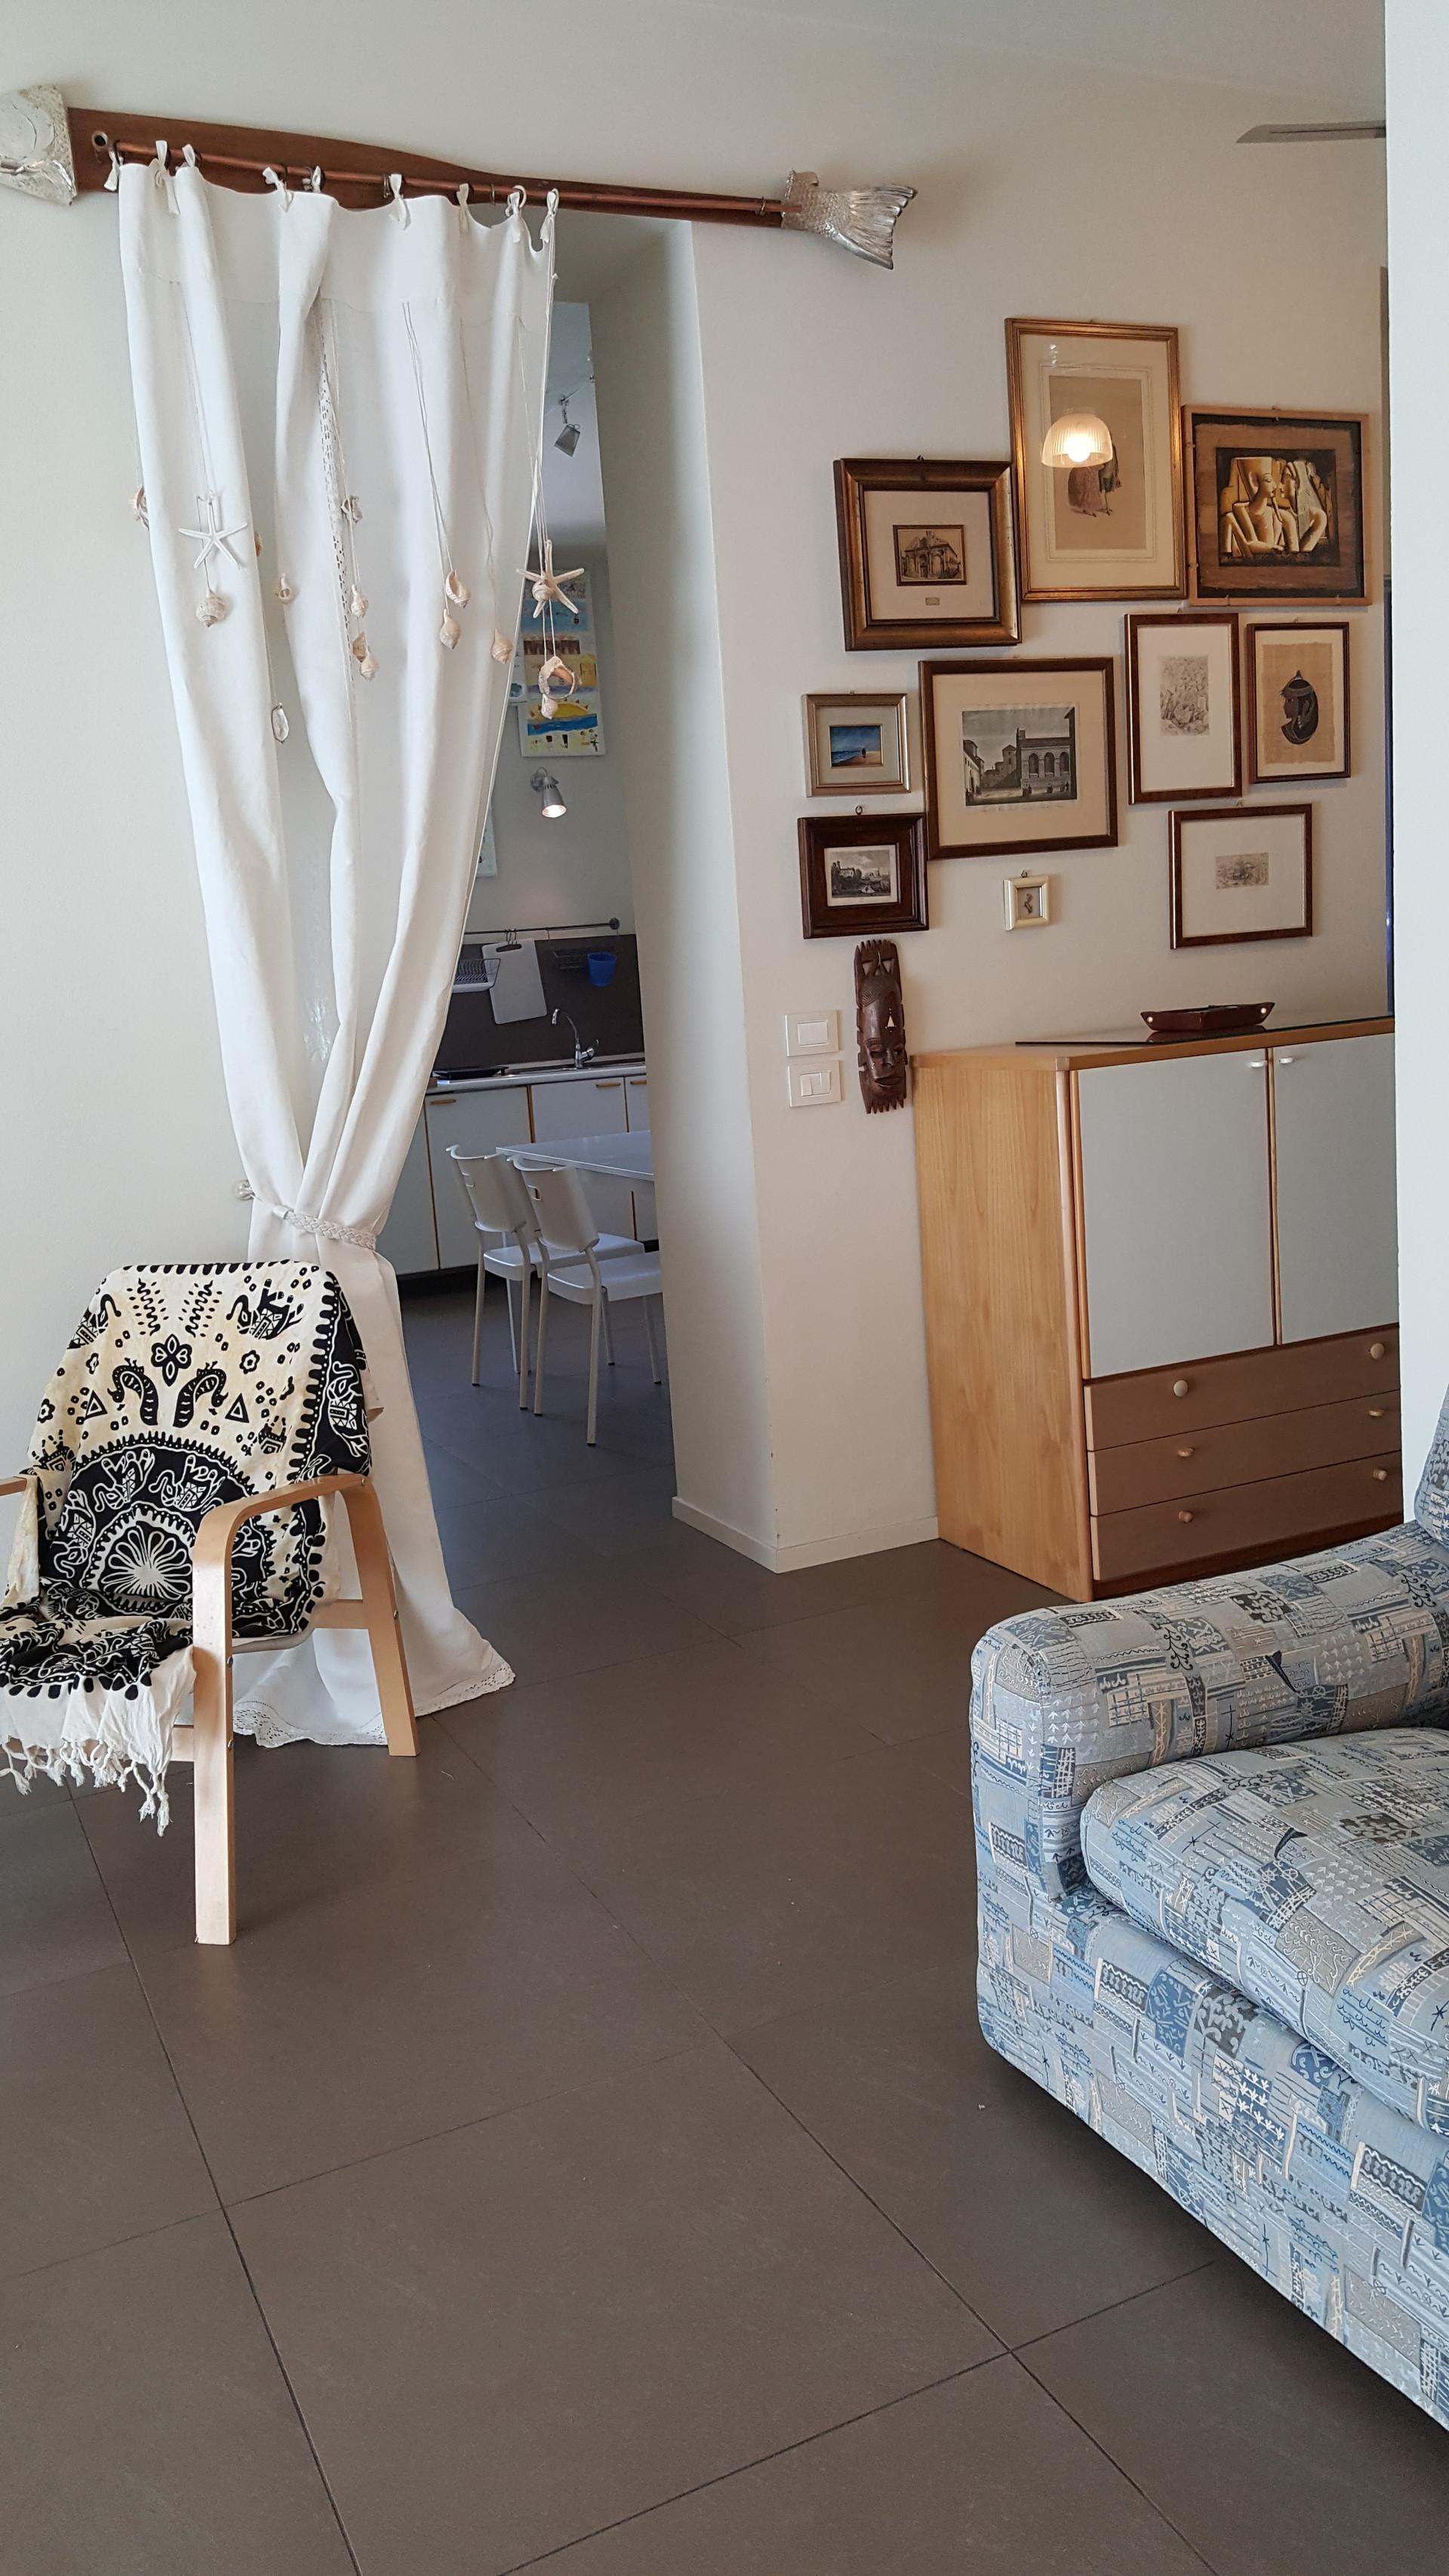 rimini-posto-letto-in-stanza-doppia-bagno-indipendente-9583f8d1c84b8c355011187d0775b723